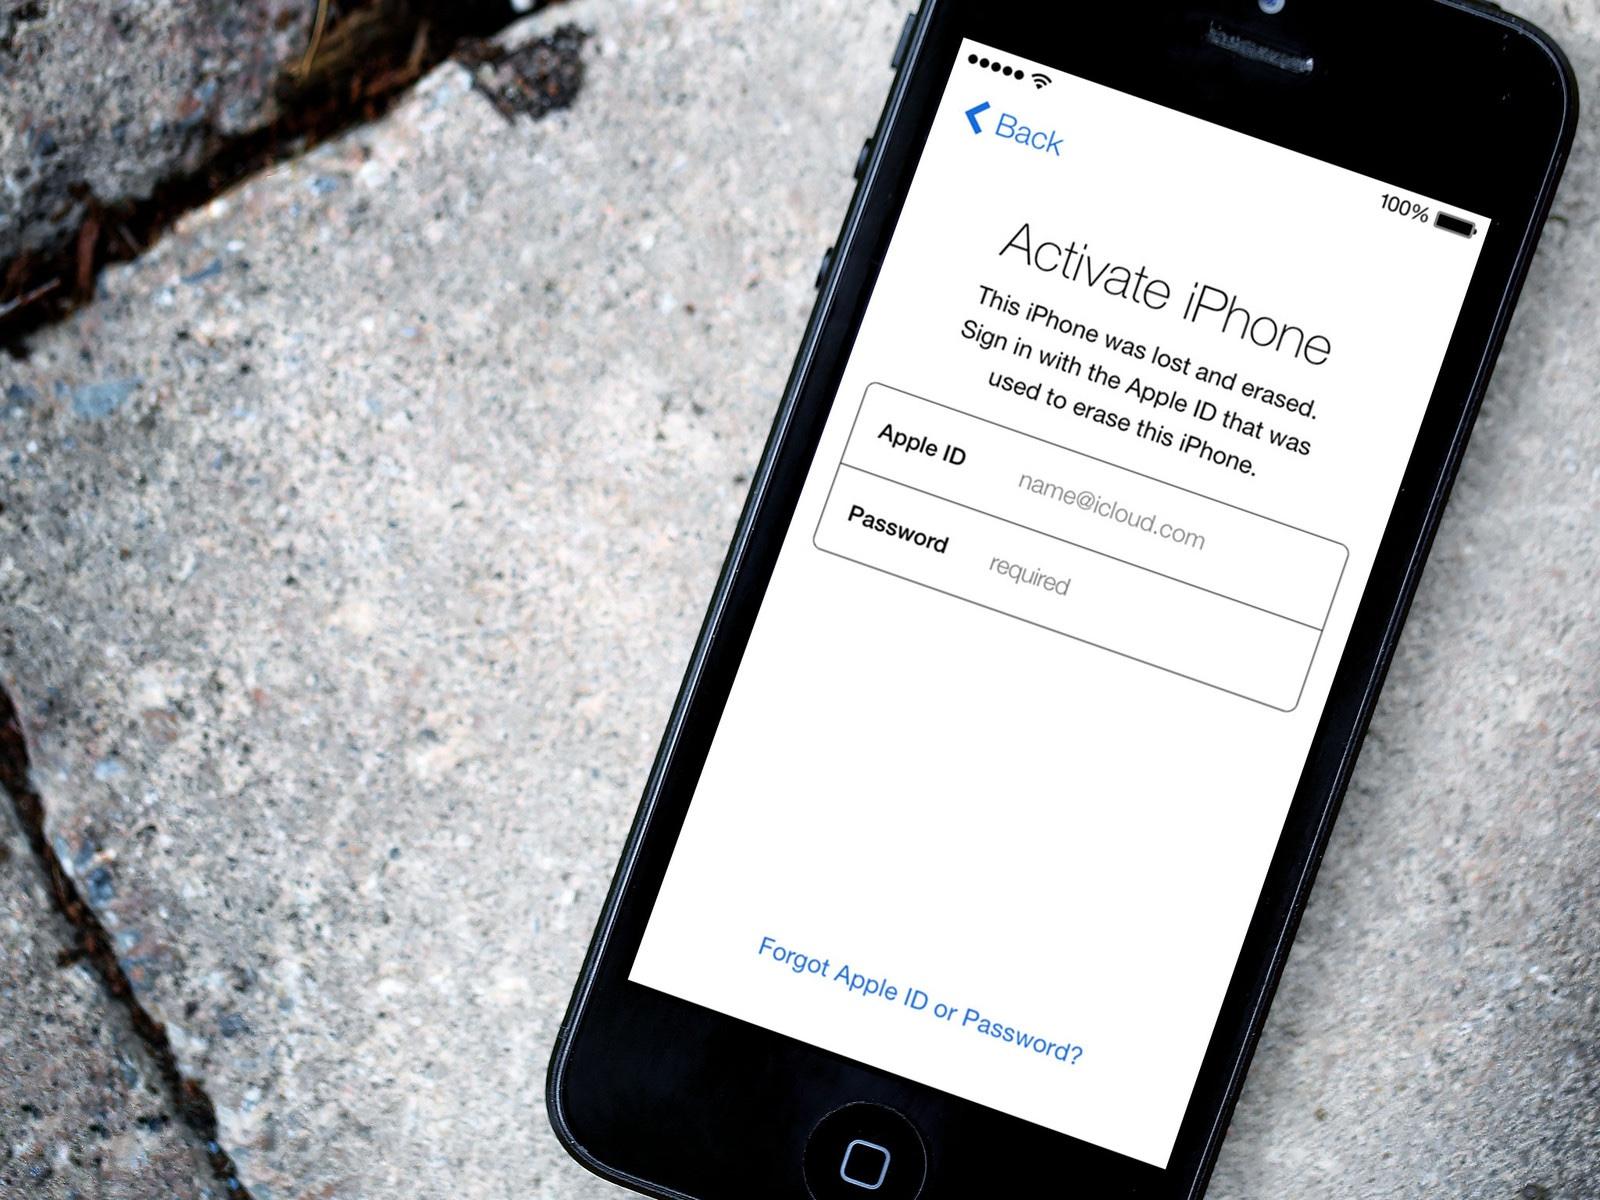 """Kaip aktyvuoti """"iPhone"""" ar """"iPad"""" po """"iOS 9.3"""" atnaujinimo?"""